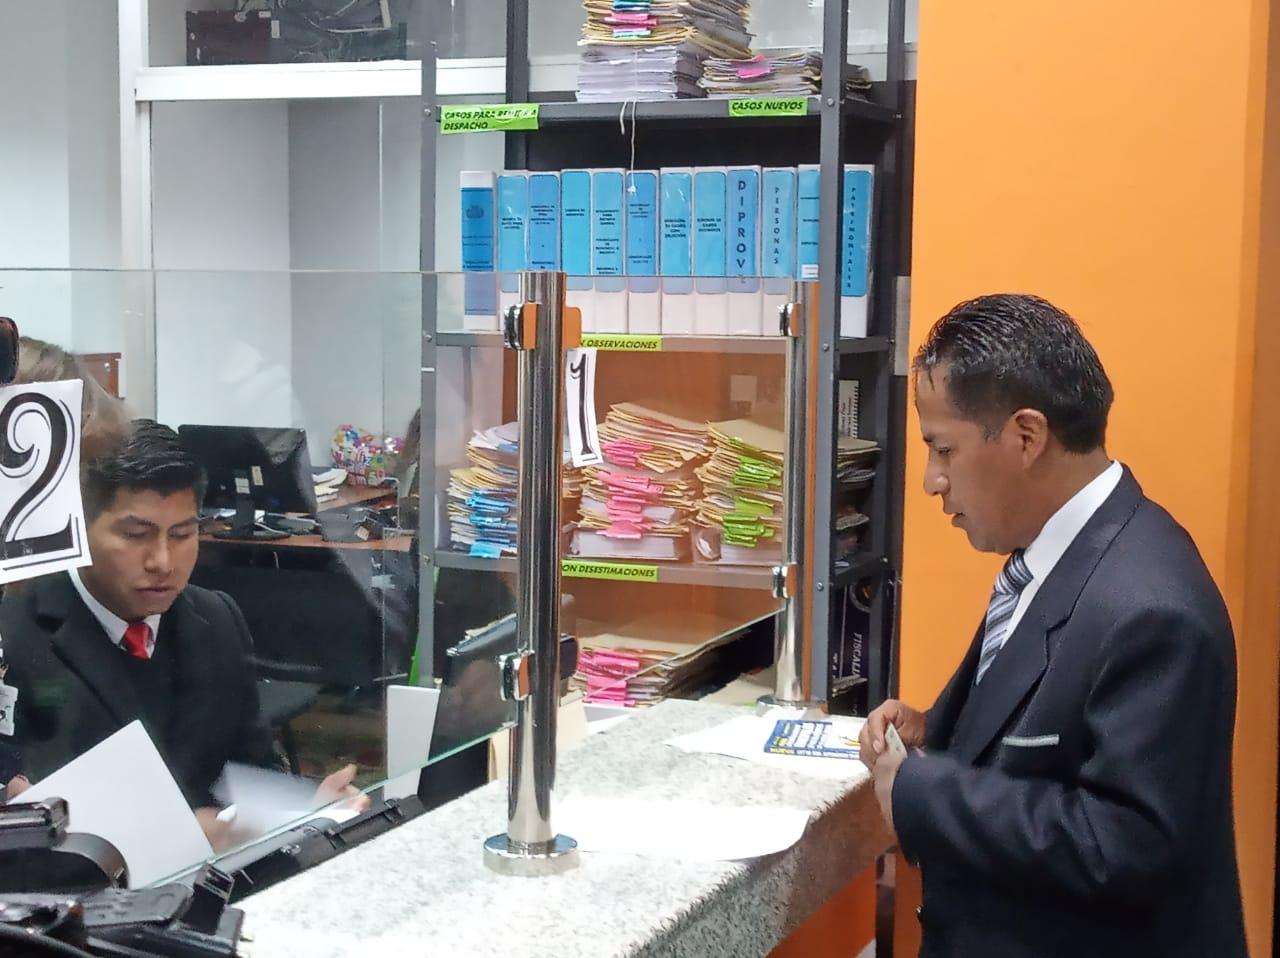 Concejal Condori presenta demanda penal contra el subalcalde del macrodistrito 3 por incumplimiento de deberes